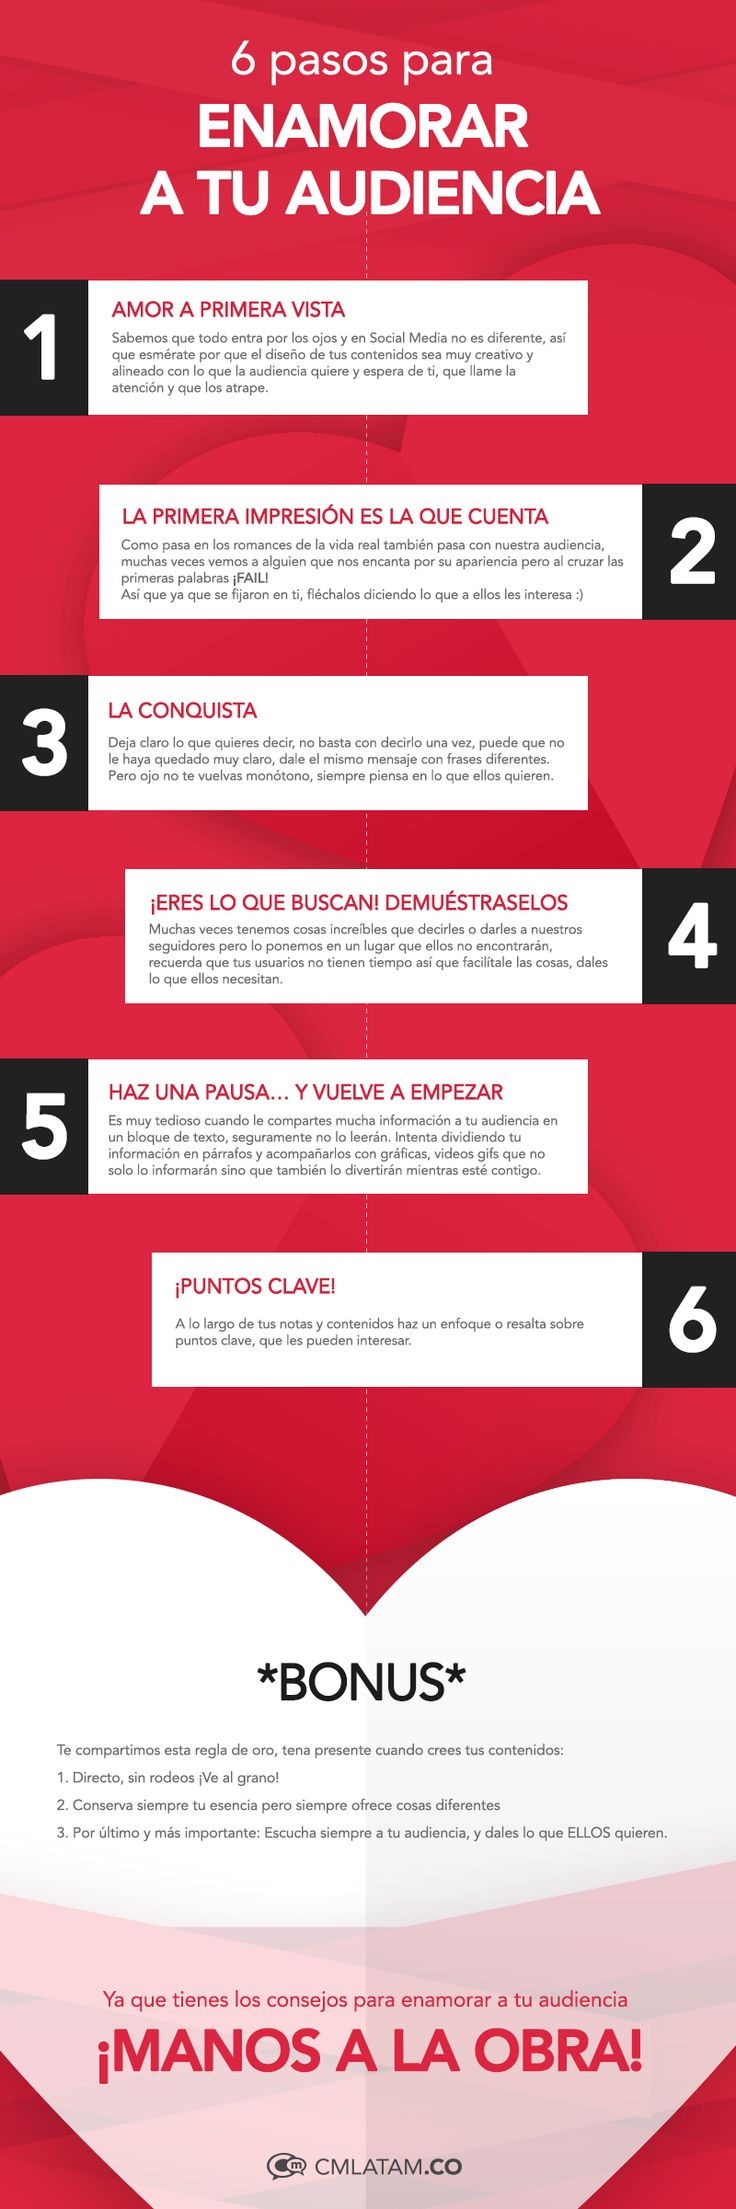 Enamora a tu audiencia en 6 pasos. #Infografía